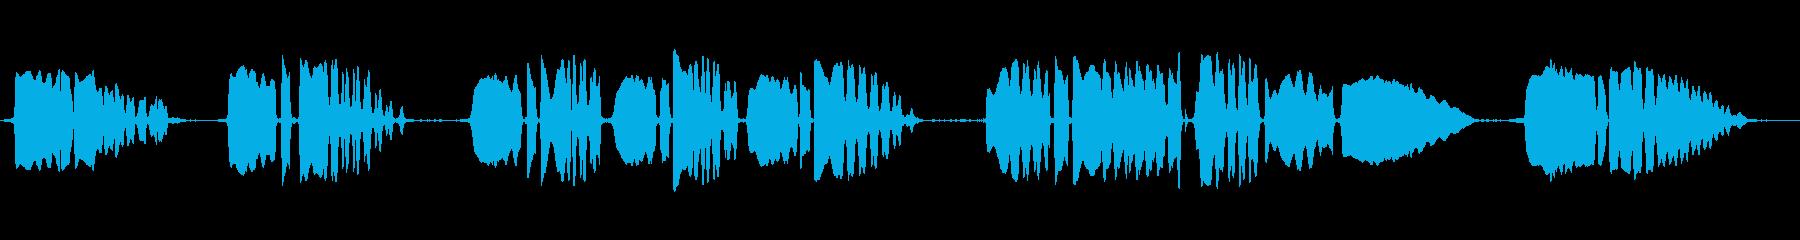 クラリネット:ラストポストアクセン...の再生済みの波形